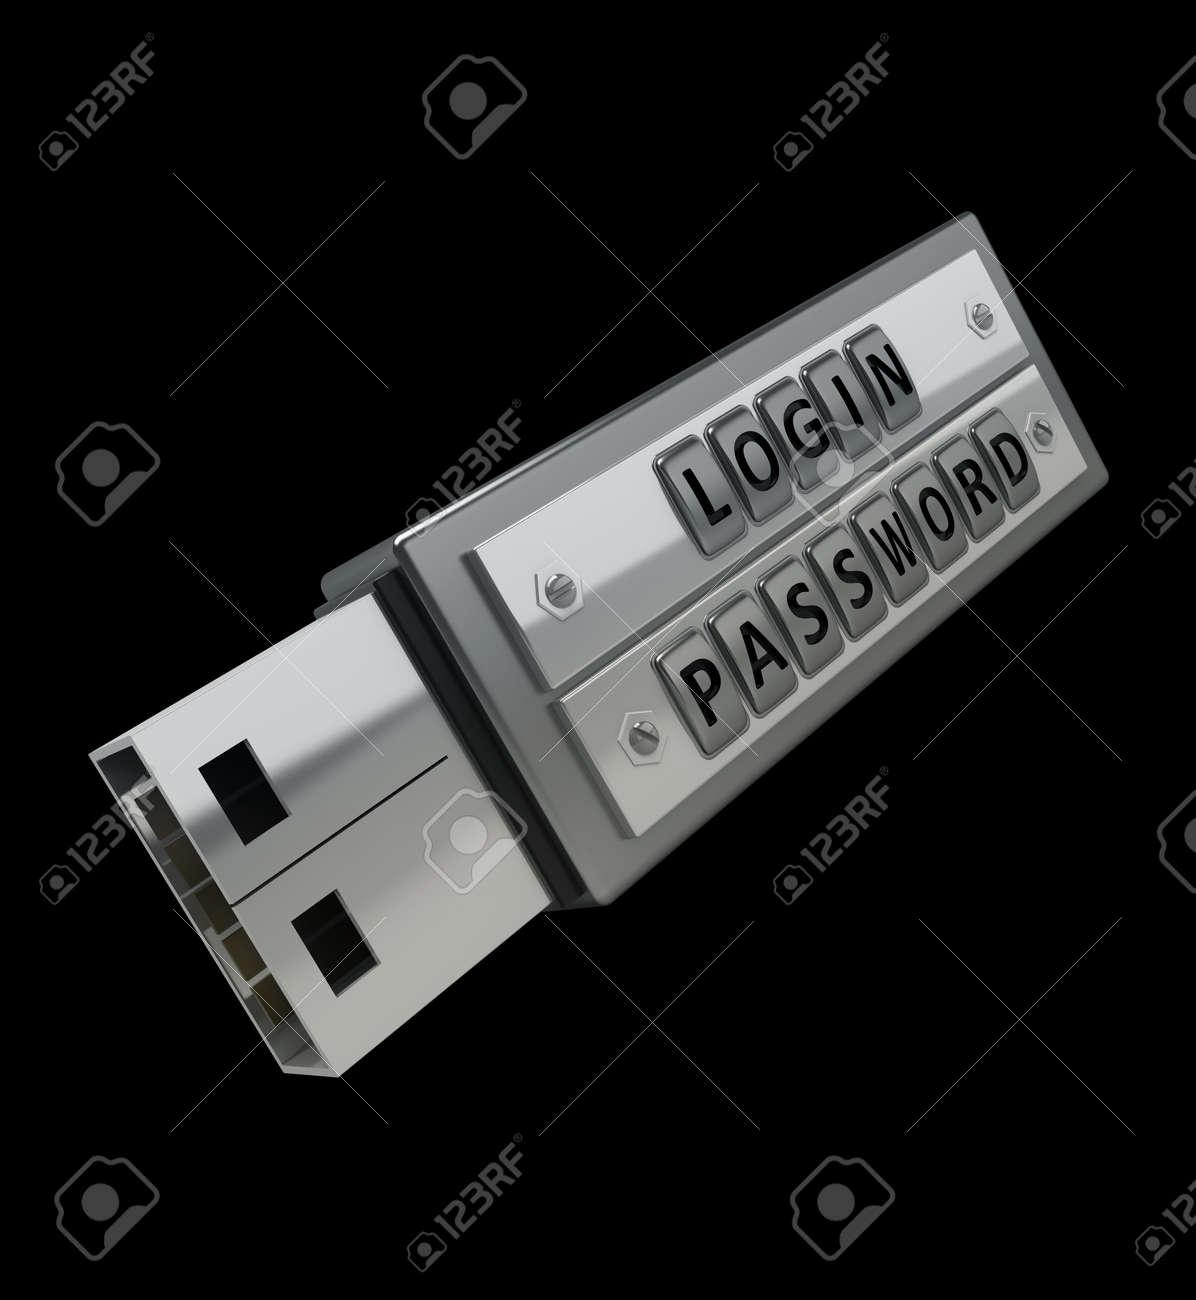 usb password